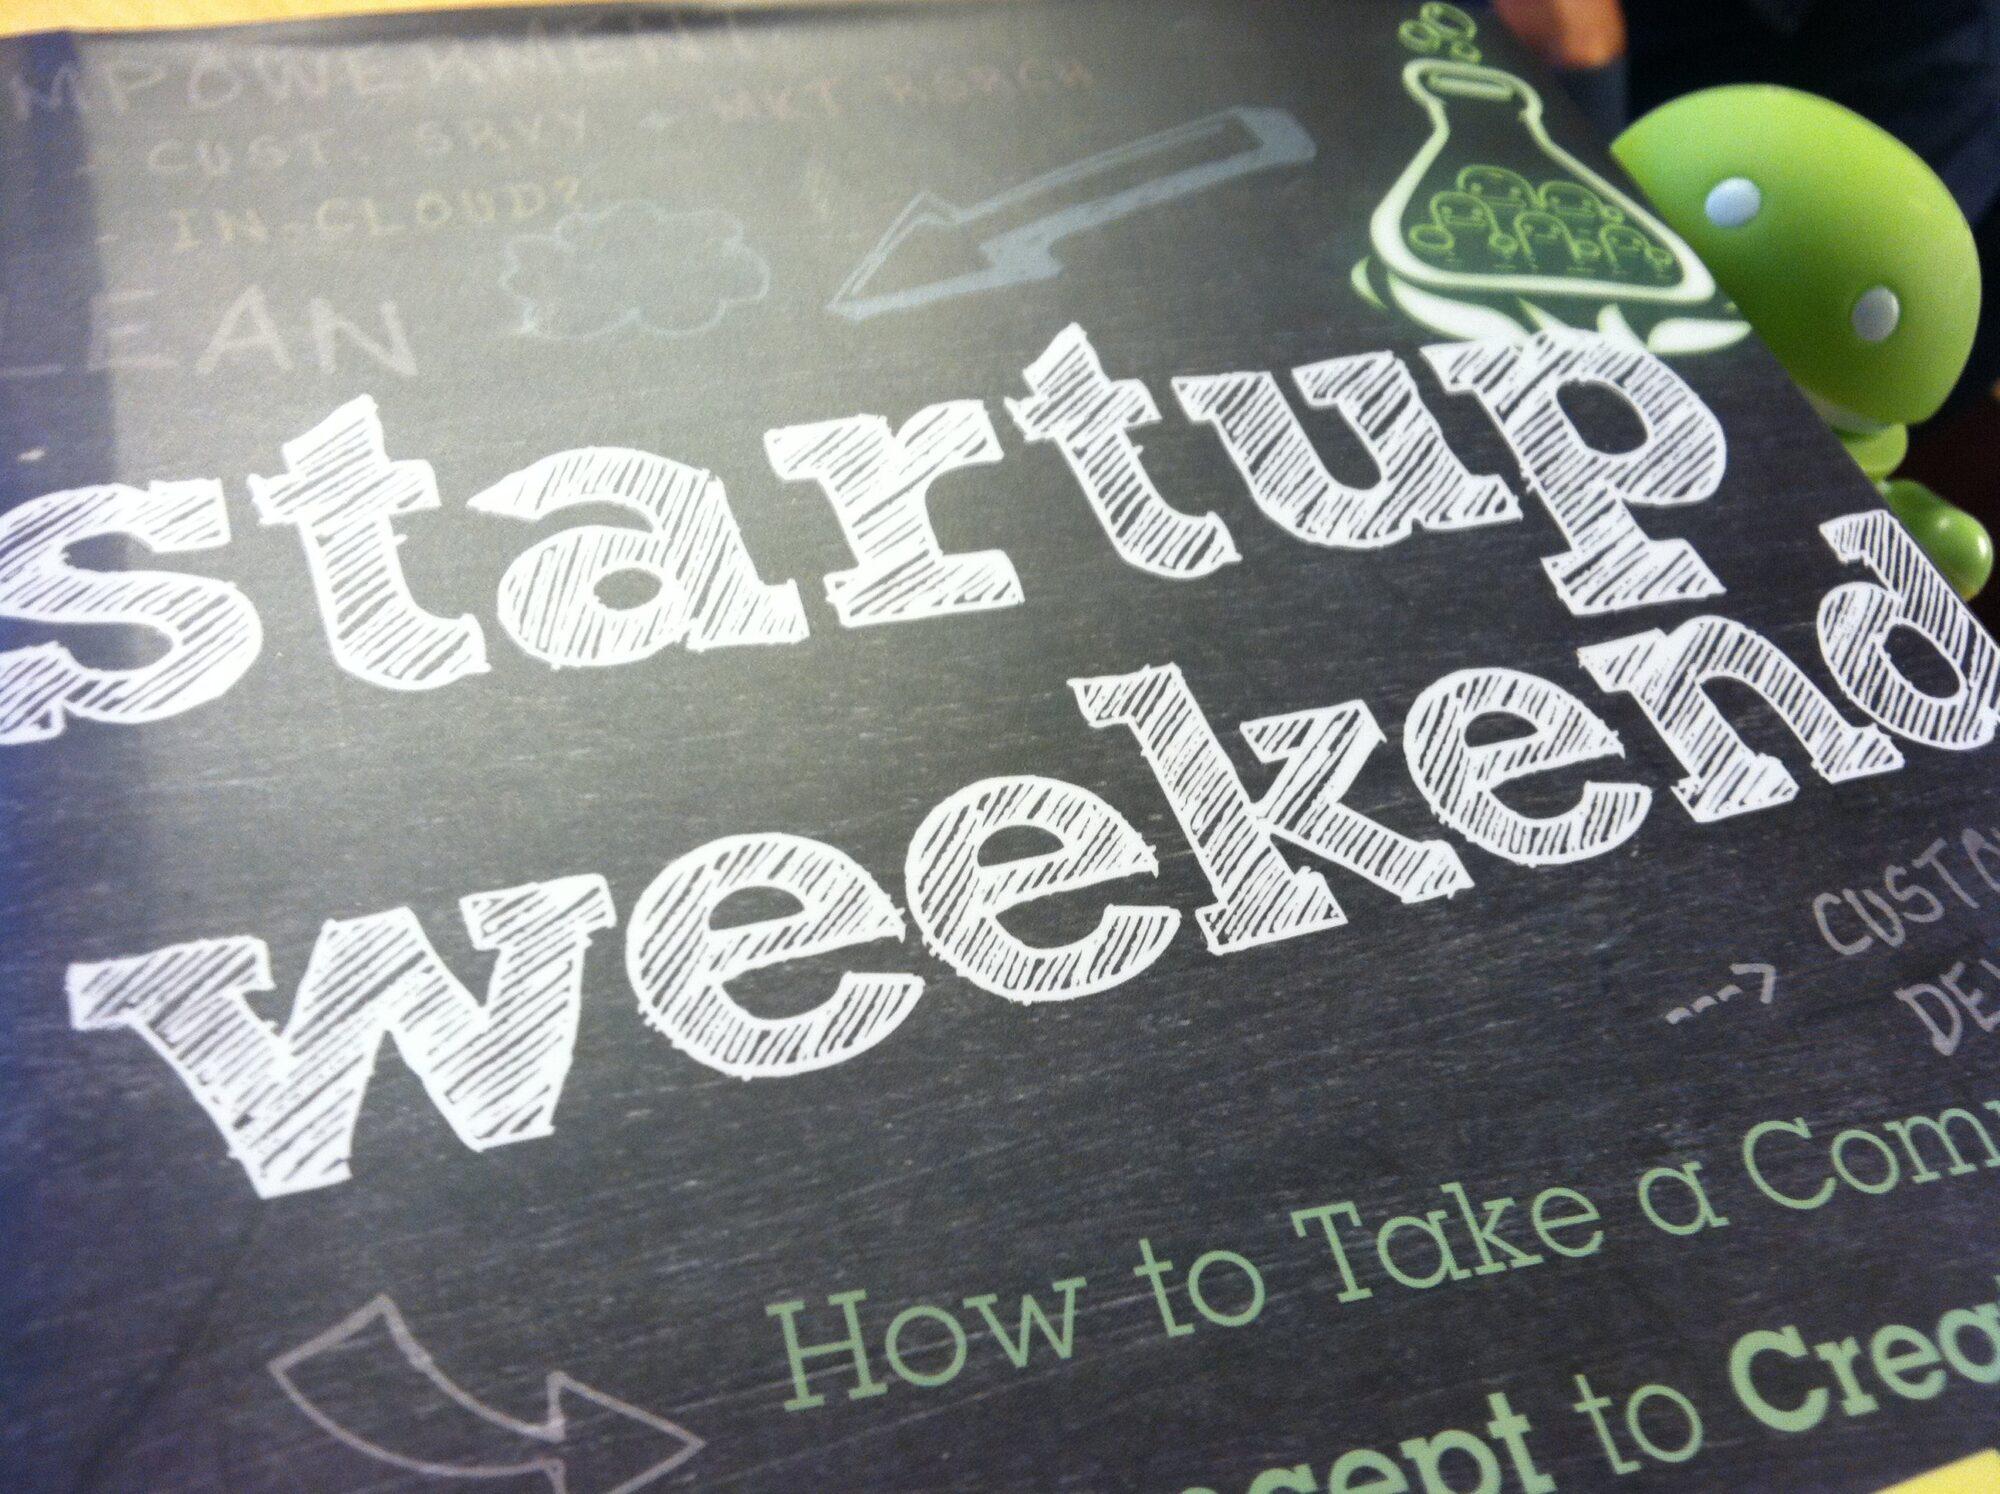 Amadeus anordnar Sveriges första rese-hackathon i samarbete med Startup Weekend